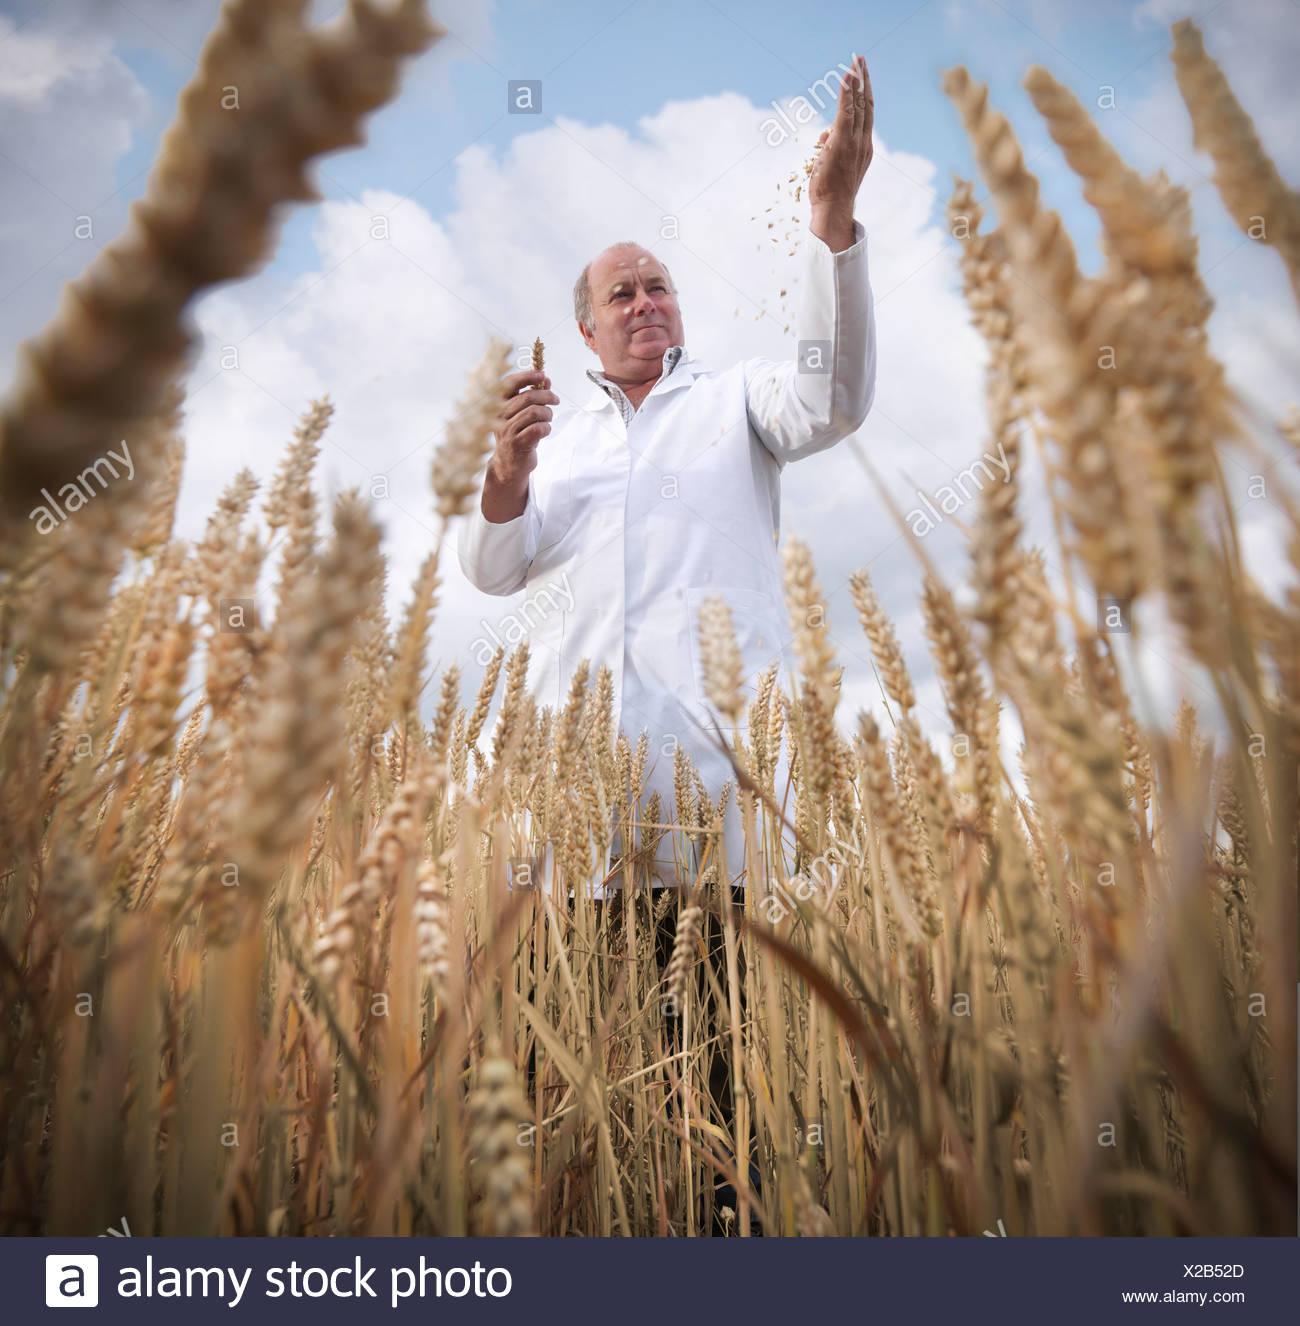 El examen científico de grano de trigo en el campo Imagen De Stock